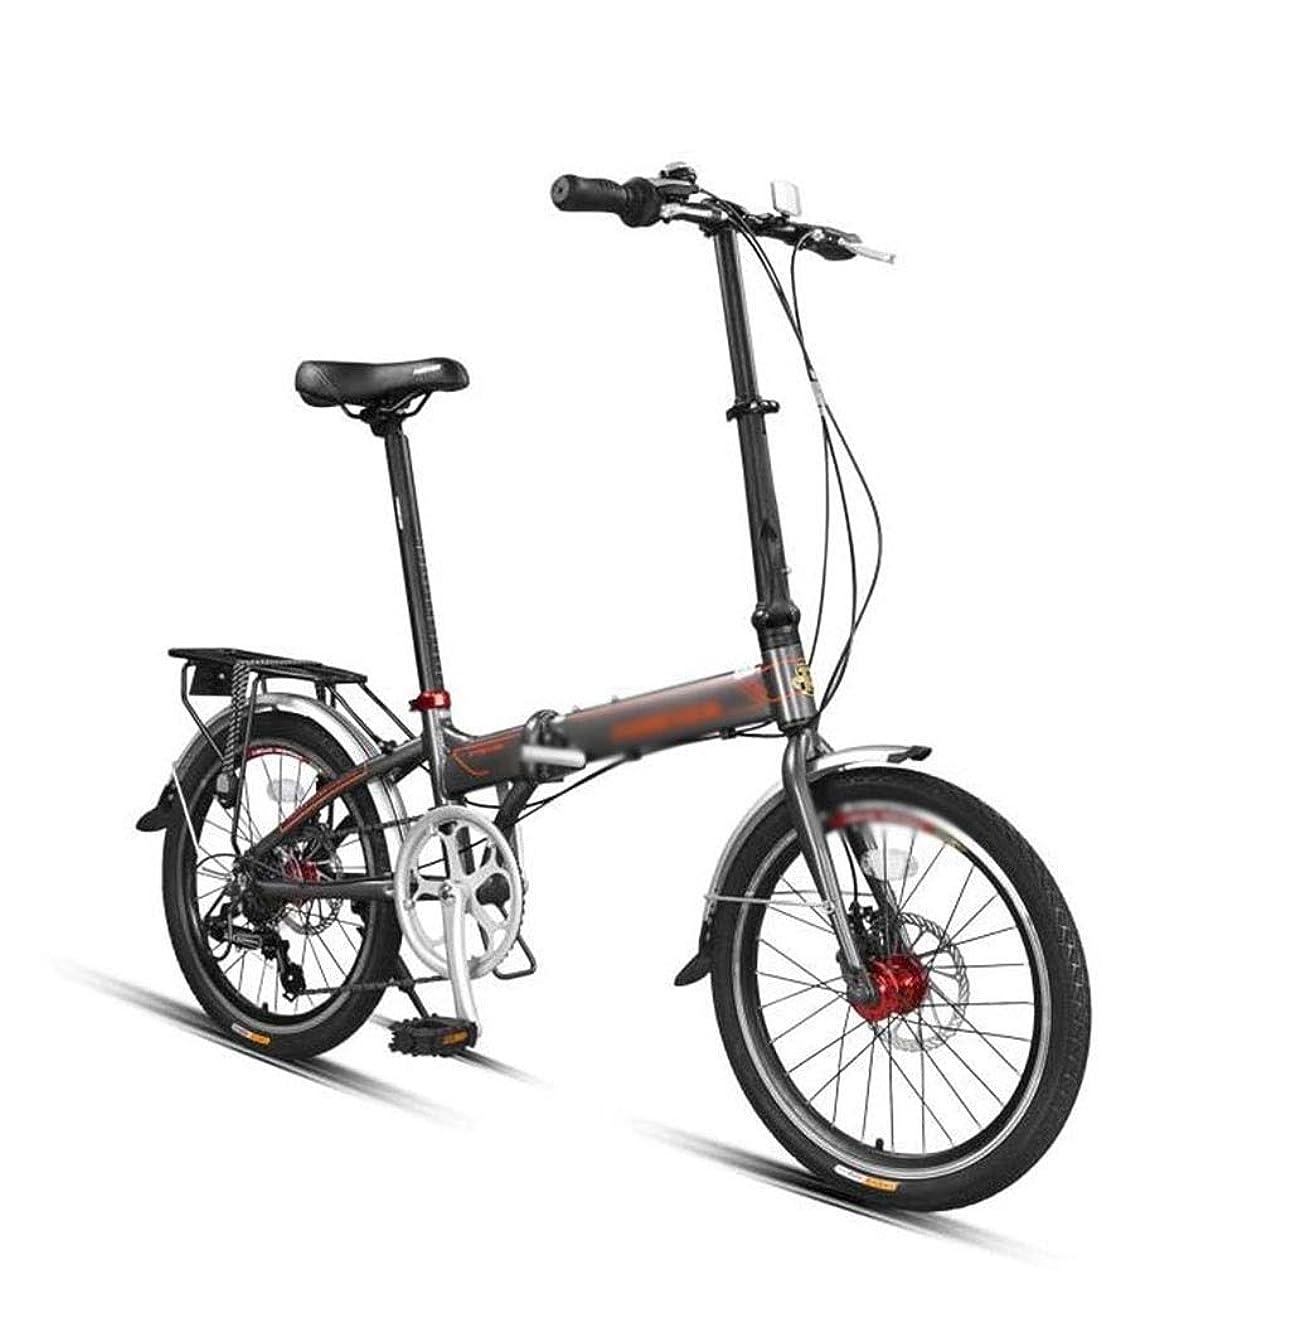 受益者マークされたアクチュエータ折りたたみ自転車マウンテンバイク、男性女性20インチ7スピードの可変速ダブルディスクブレーキオフロードバイクツアー旅行バイク、学生大人の自転車、ウルトラライトポータブル素早く折りたたみ簡単ストア (Color : Grey, Size : 20...